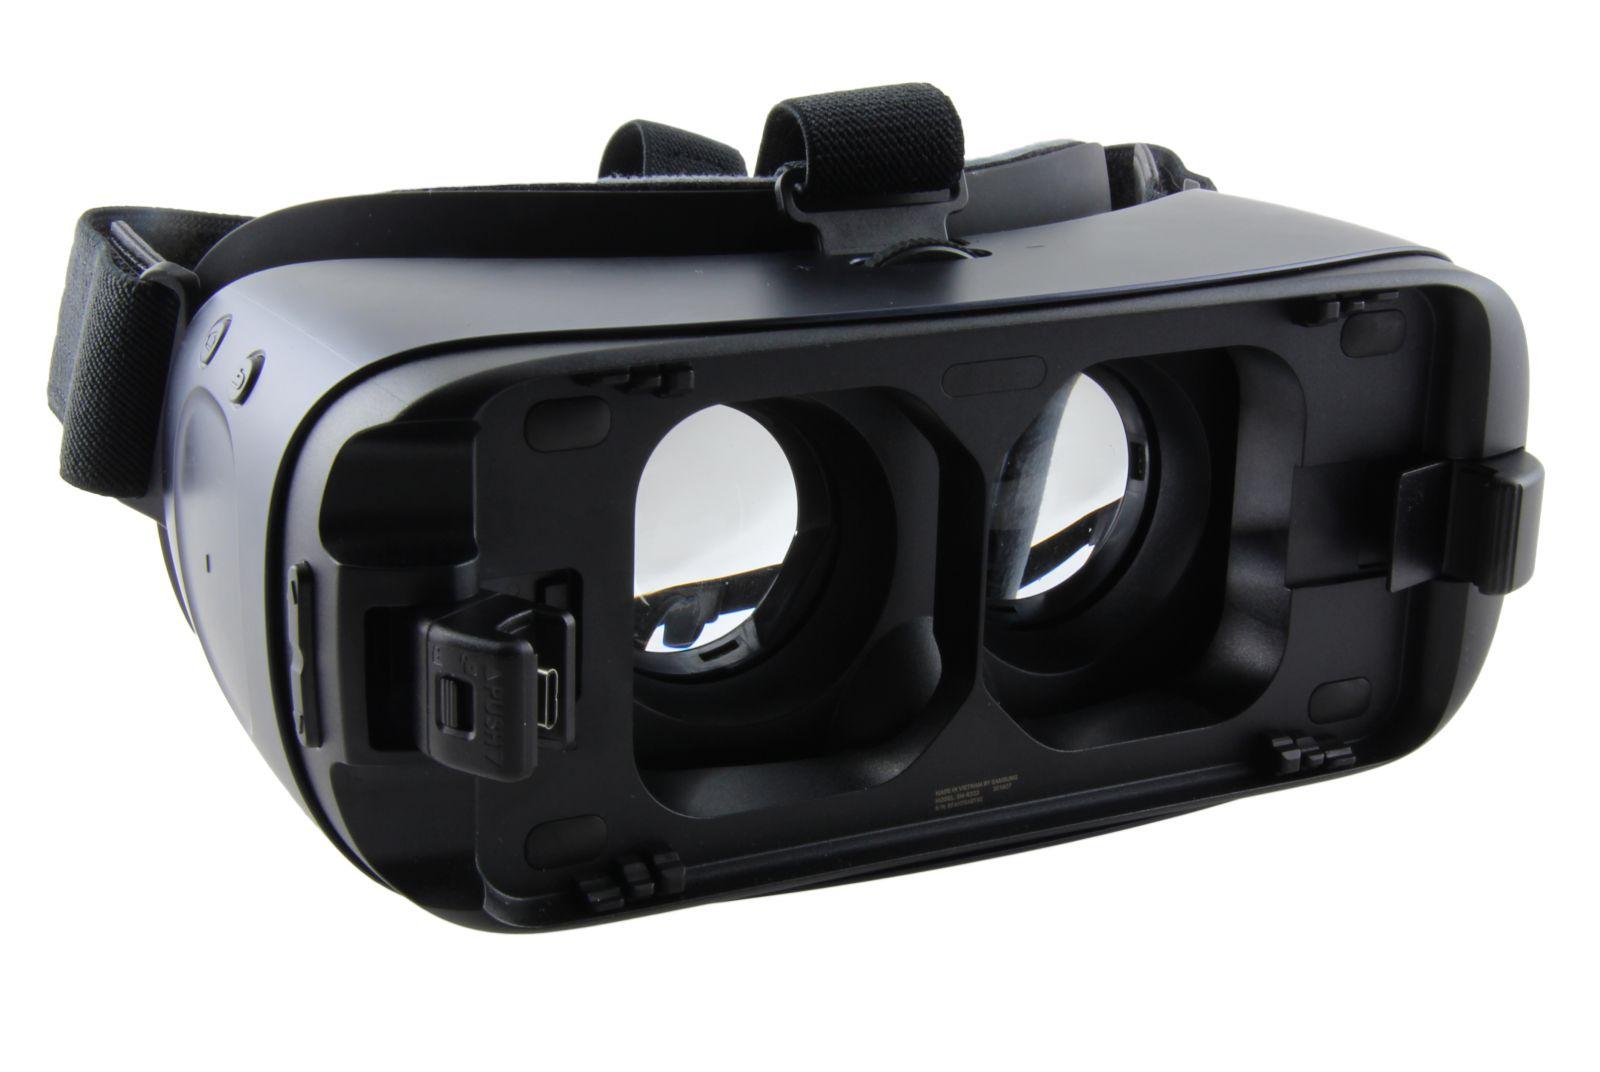 kinh thuc te ao samsung Gear vr r323 chinh hang 15 - Kính thực tế ảo Samsung Gear VR 2 chính hãng